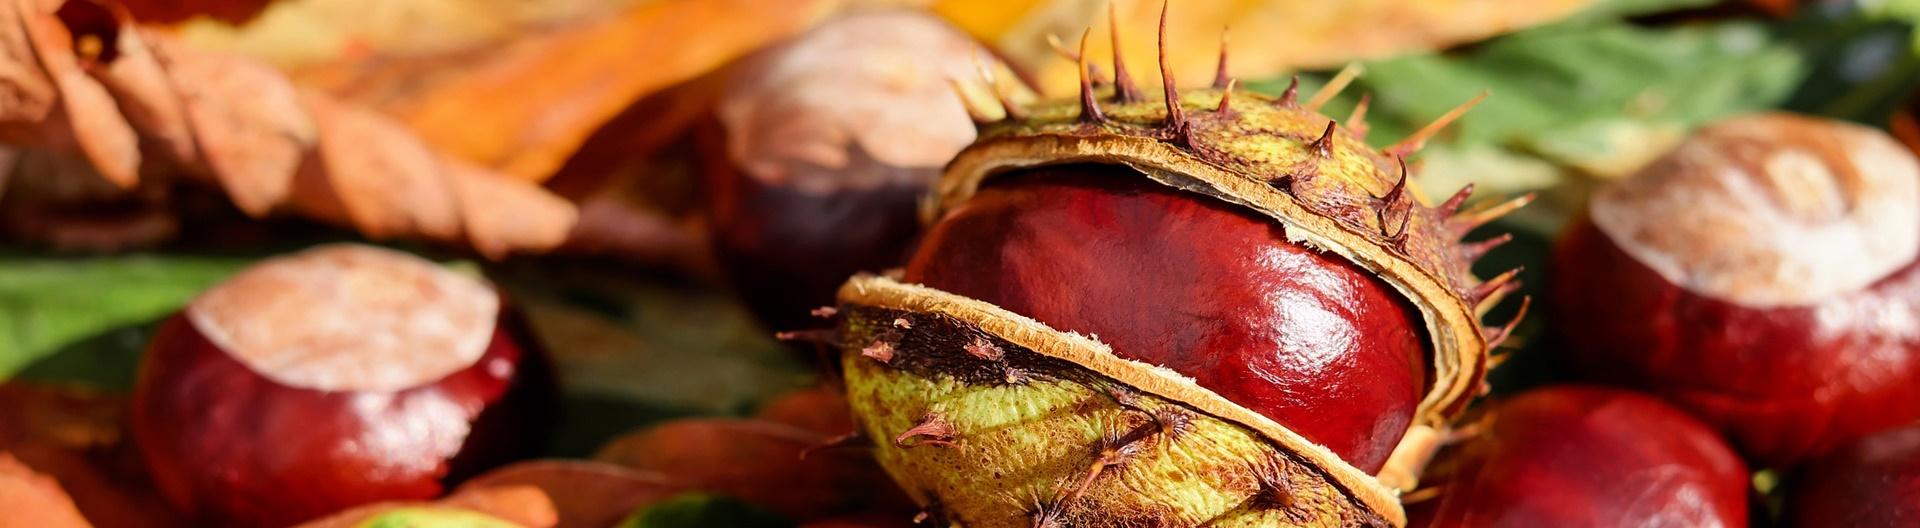 chestnut-1710788_1920